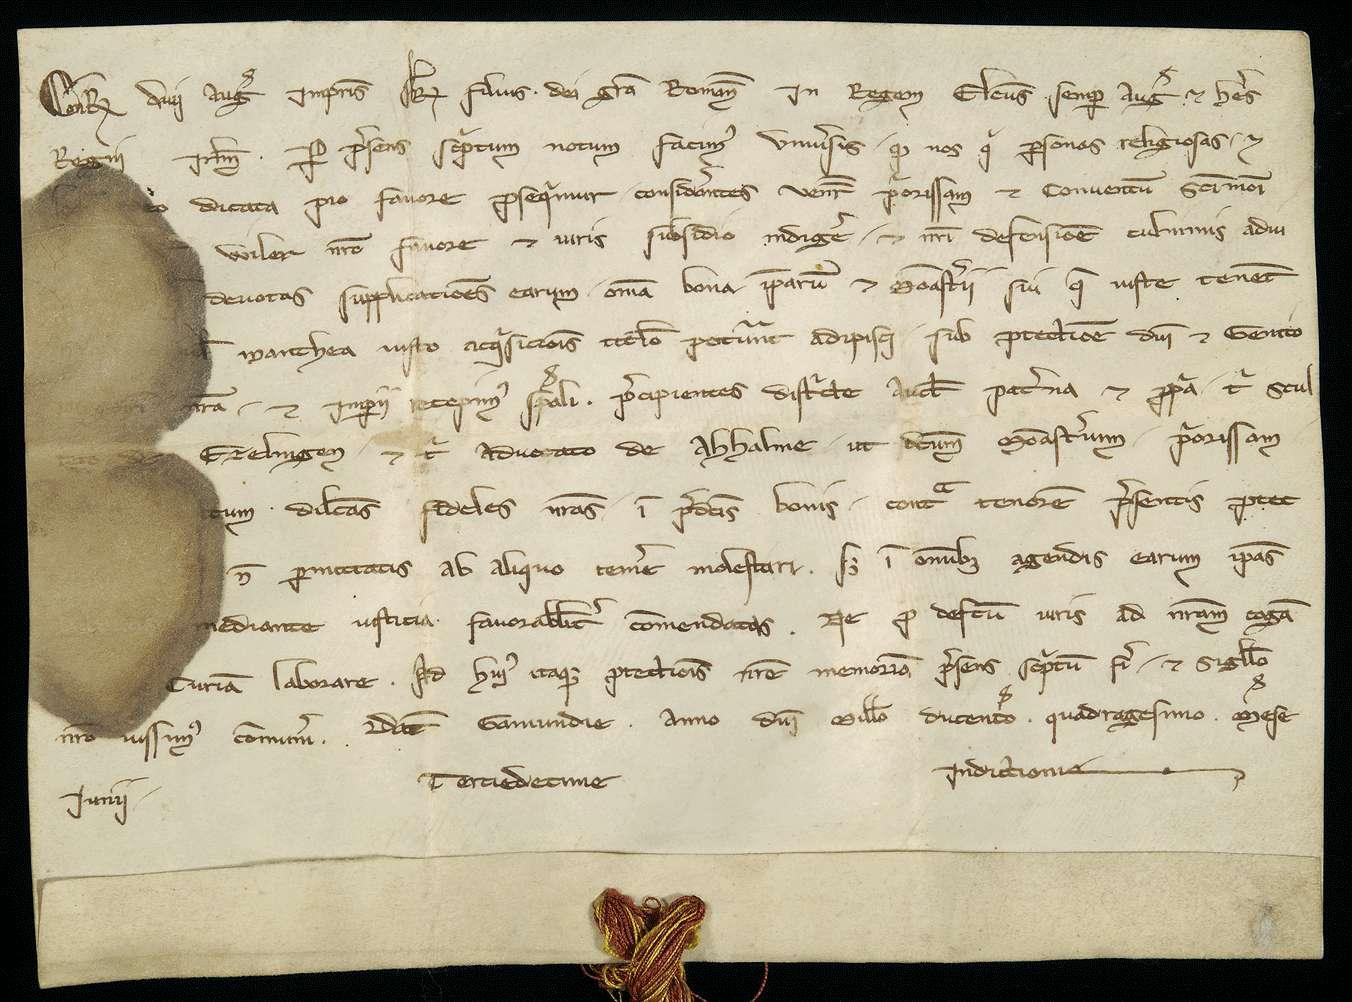 Der erwählte römische König Konrad (IV.) nimmt die Priorin und den Konvent der Nonnen zu Weil in seinen und des Reiches Schutz und beauftragt den Schultheißen von Esslingen und den Vogt von Achalm damit., Bild 1